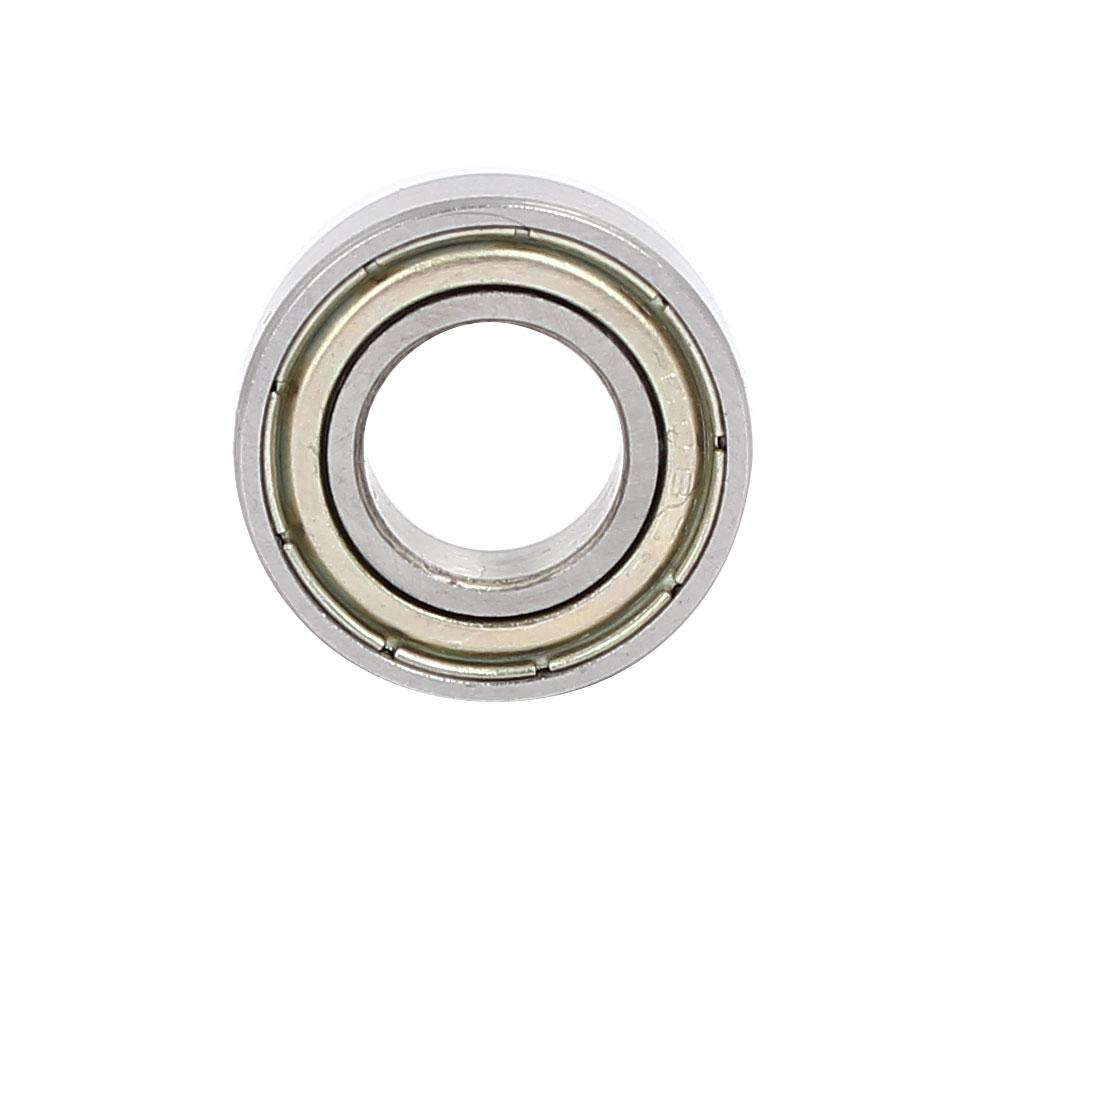 10Pcs 16mmx8mmx5mm Steel Shielded Deep Groove Ball Bearing 688ZZ